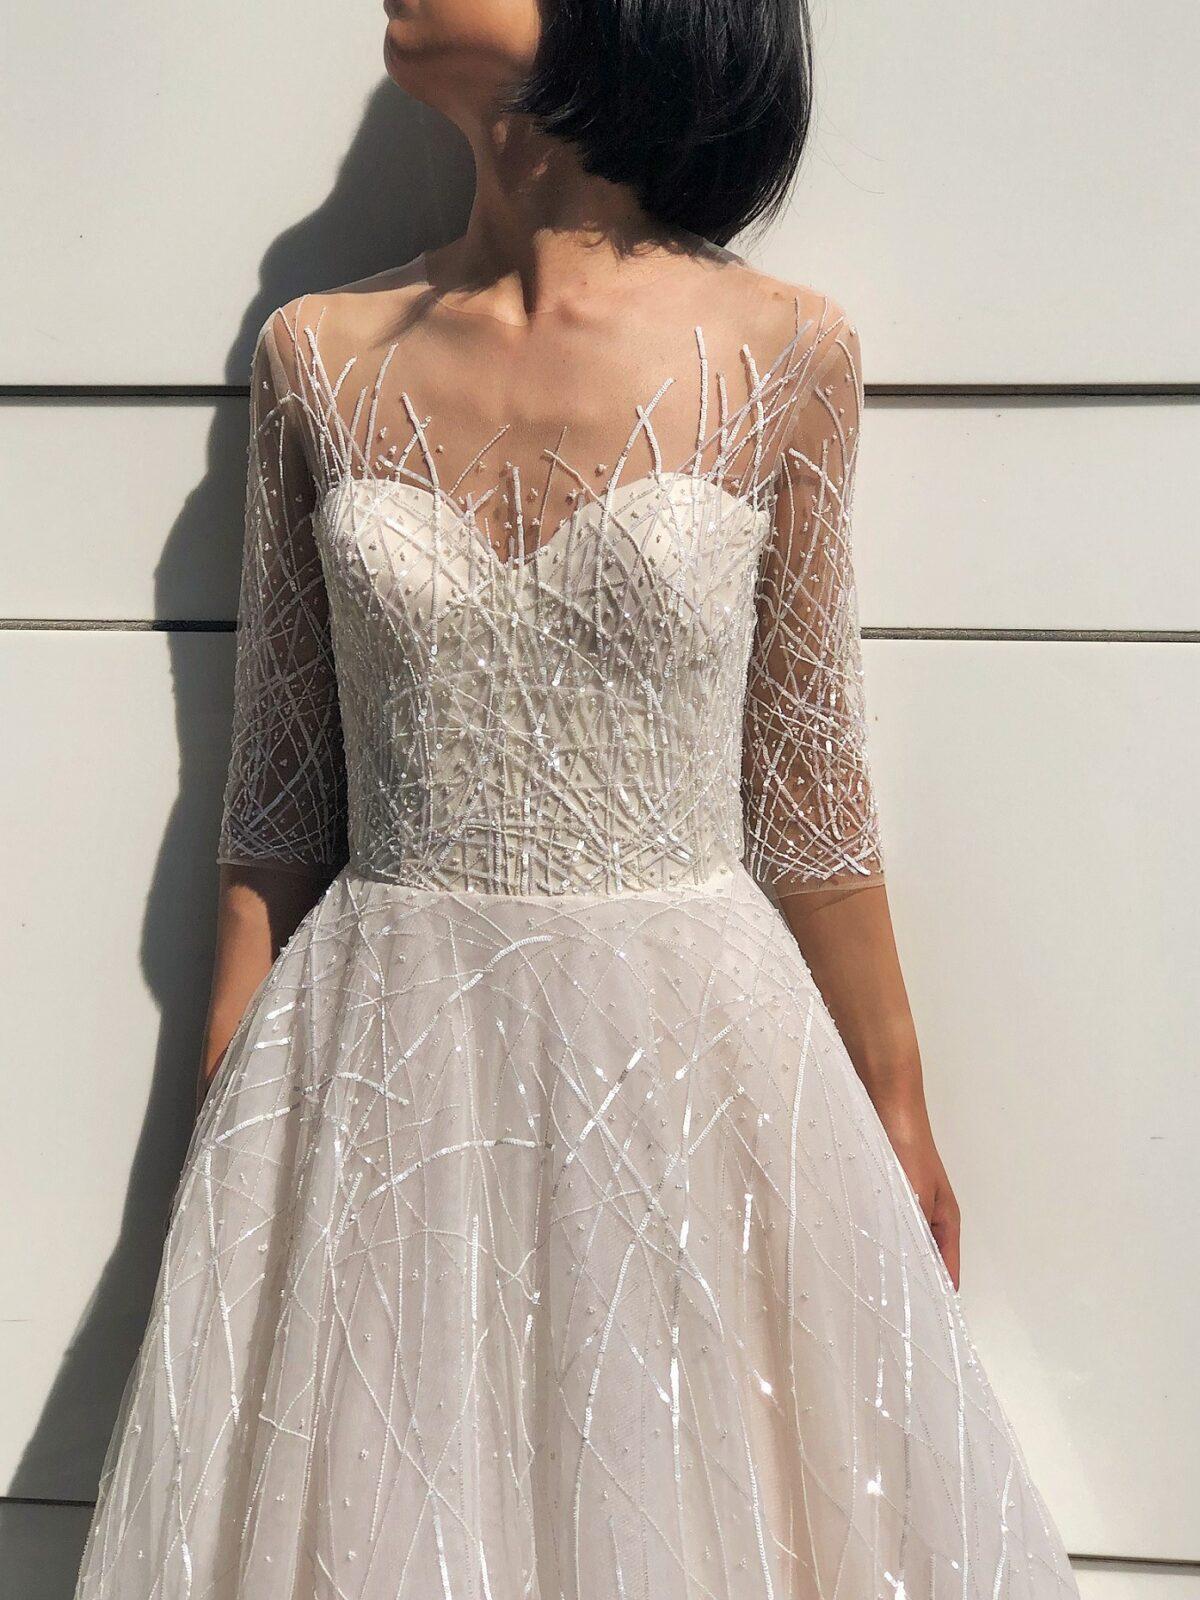 胸元とハーフスリーブにはチュールに魔法のようにちりばめられた直線状のスパンコールはお写真映りも申し分ない美しいレンタルウェディングドレスはElisabettaです。